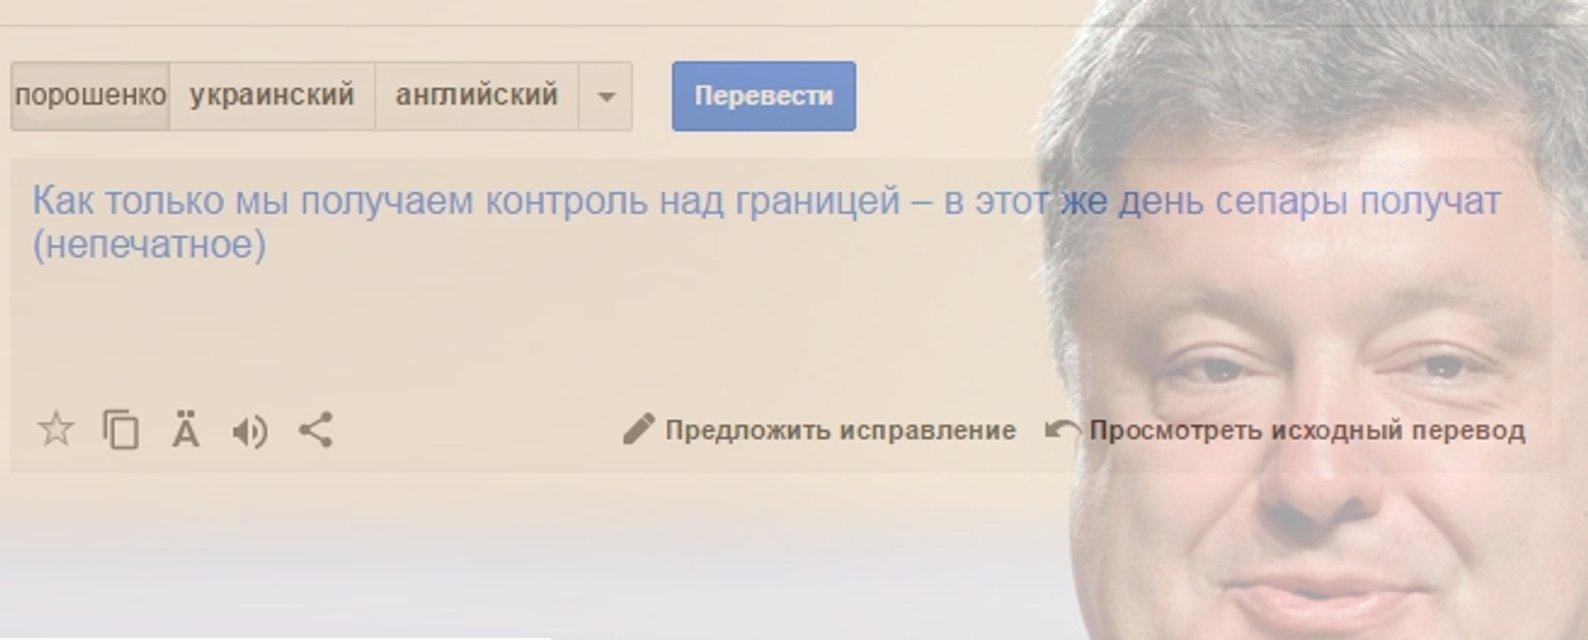 Впервые на экранах – честный президент Петр Порошенко - фото 18561